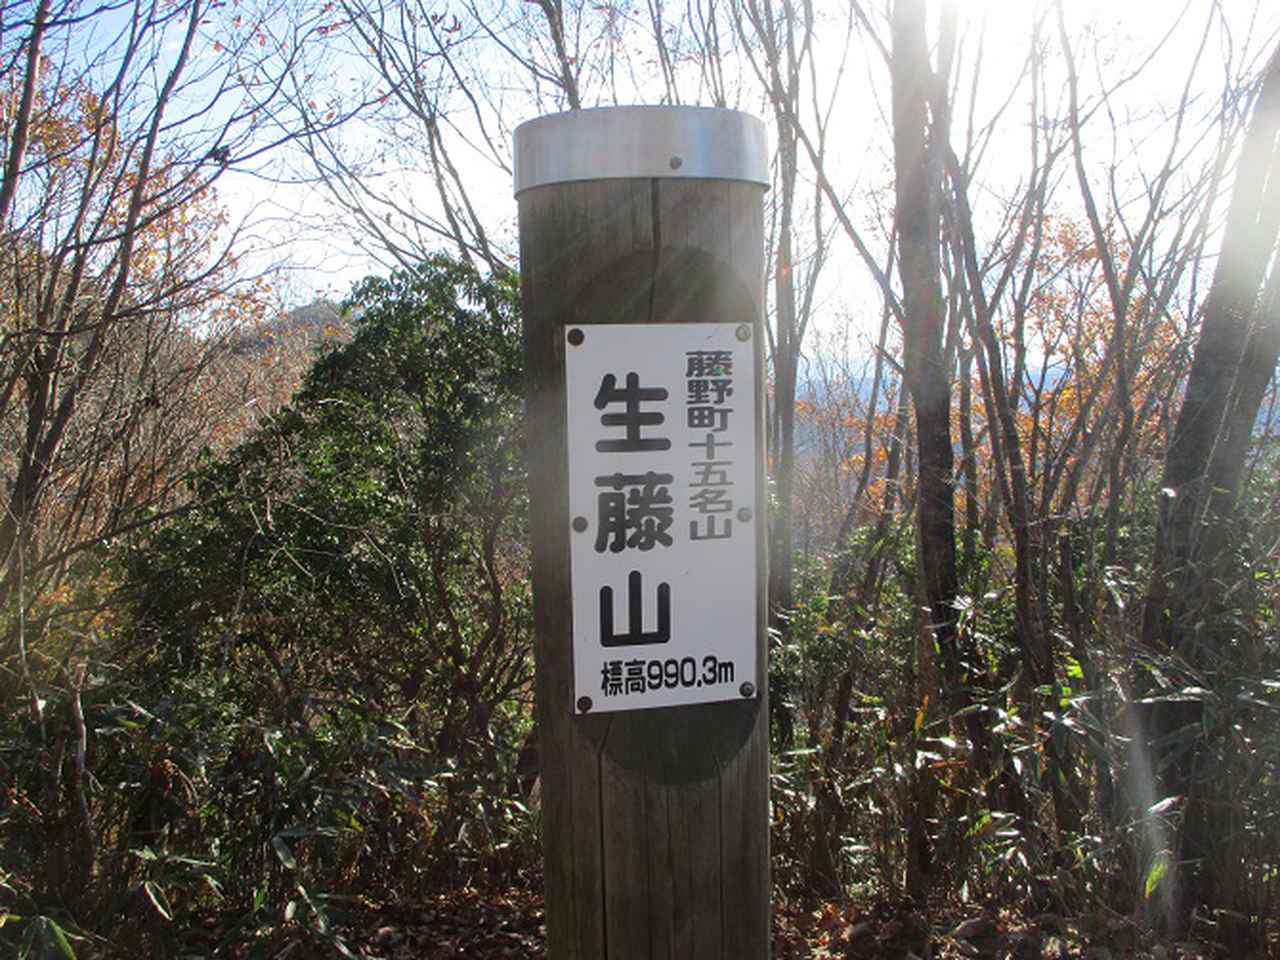 画像7: 12月の山旅会 生藤山 ツアーの下見に行ってきました!